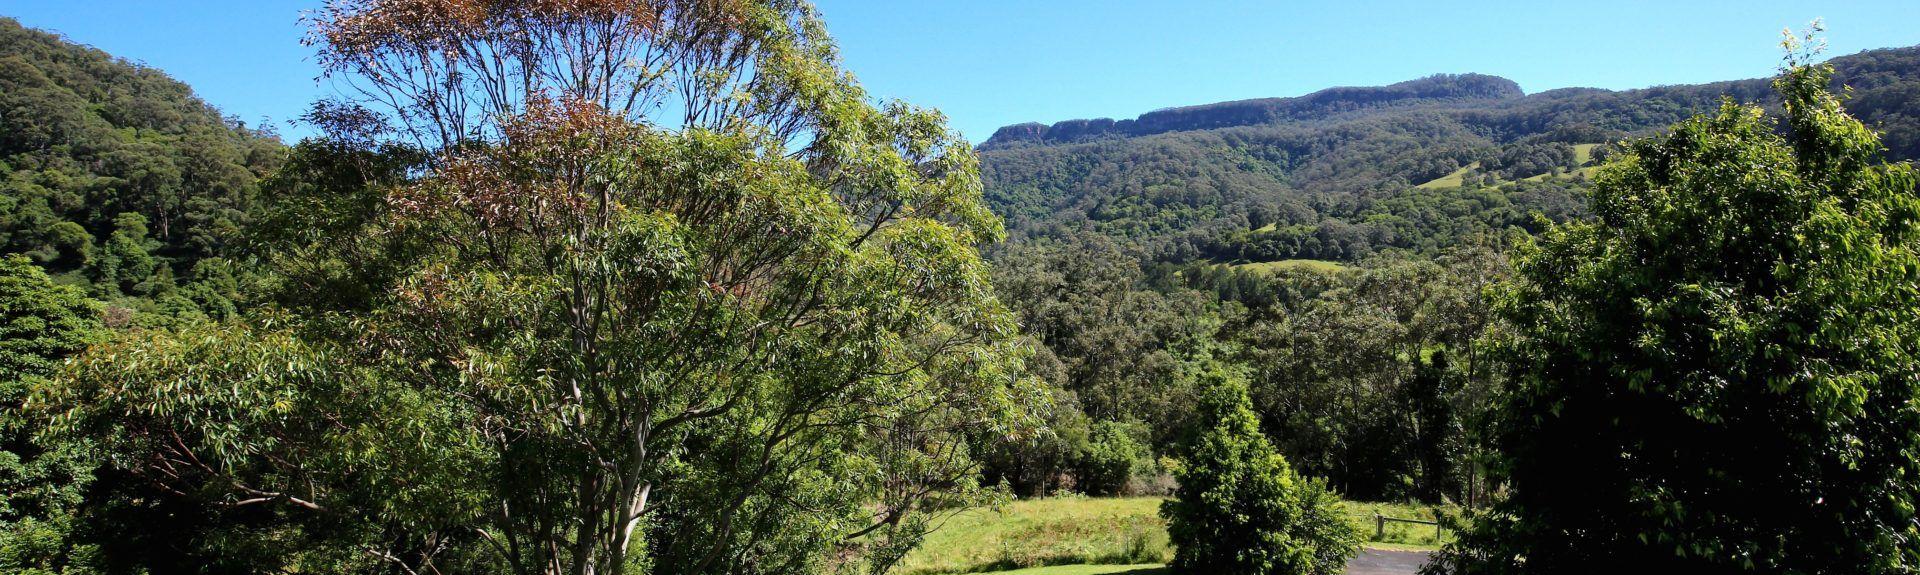 Pyree, Nueva Gales del Sur, Australia